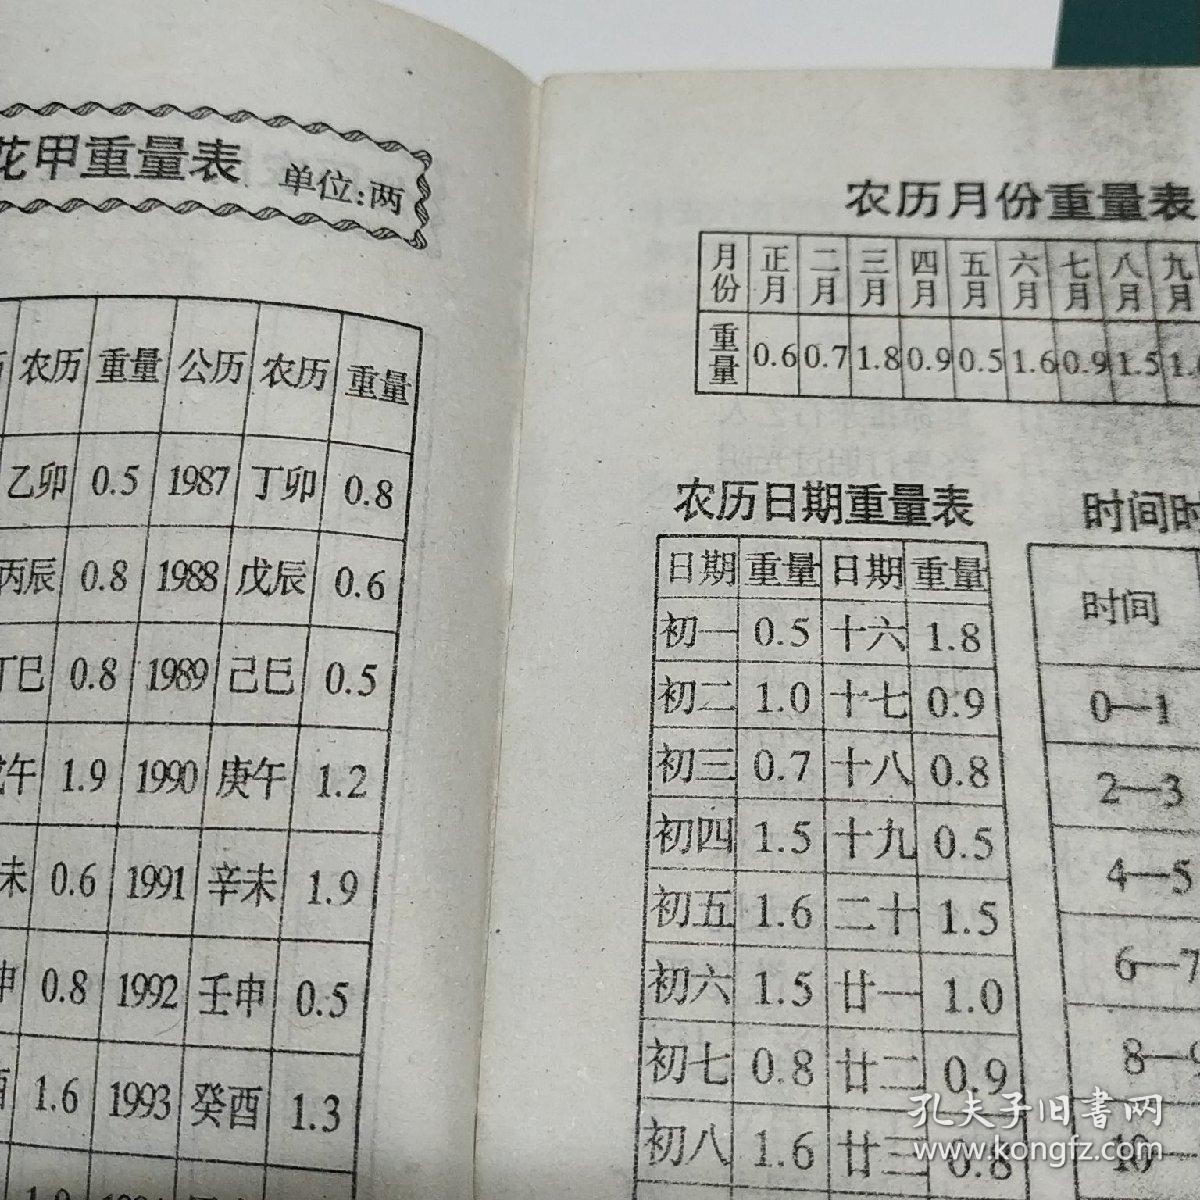 称骨算命-袁天罡八字称骨算命(男女命)综合版以及详解_手机网易网